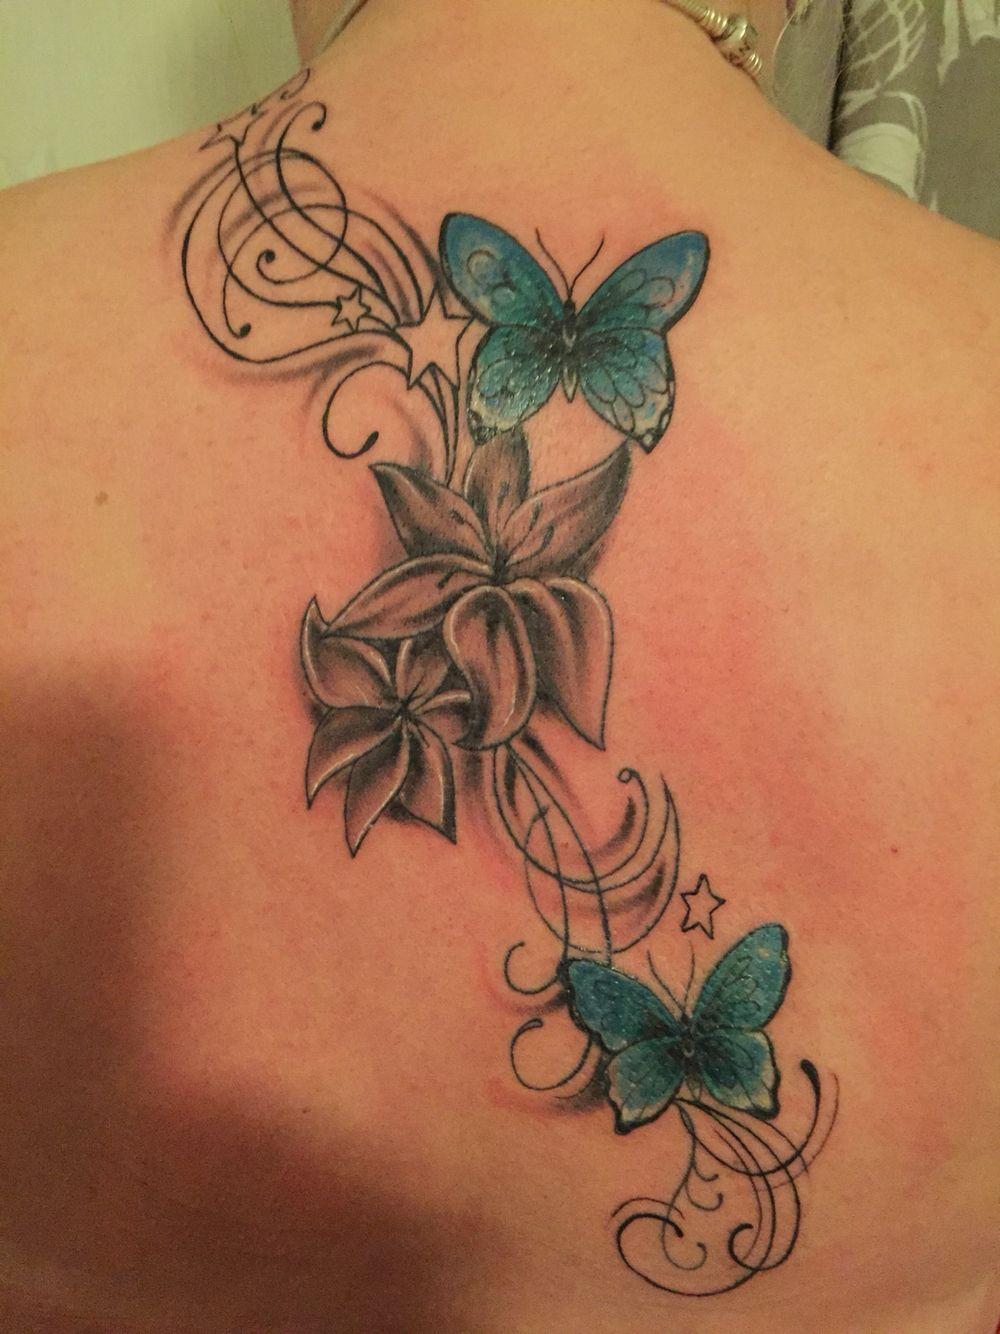 My back tattoo tattoos pinterest tattoo and tattoo my back tattoo izmirmasajfo